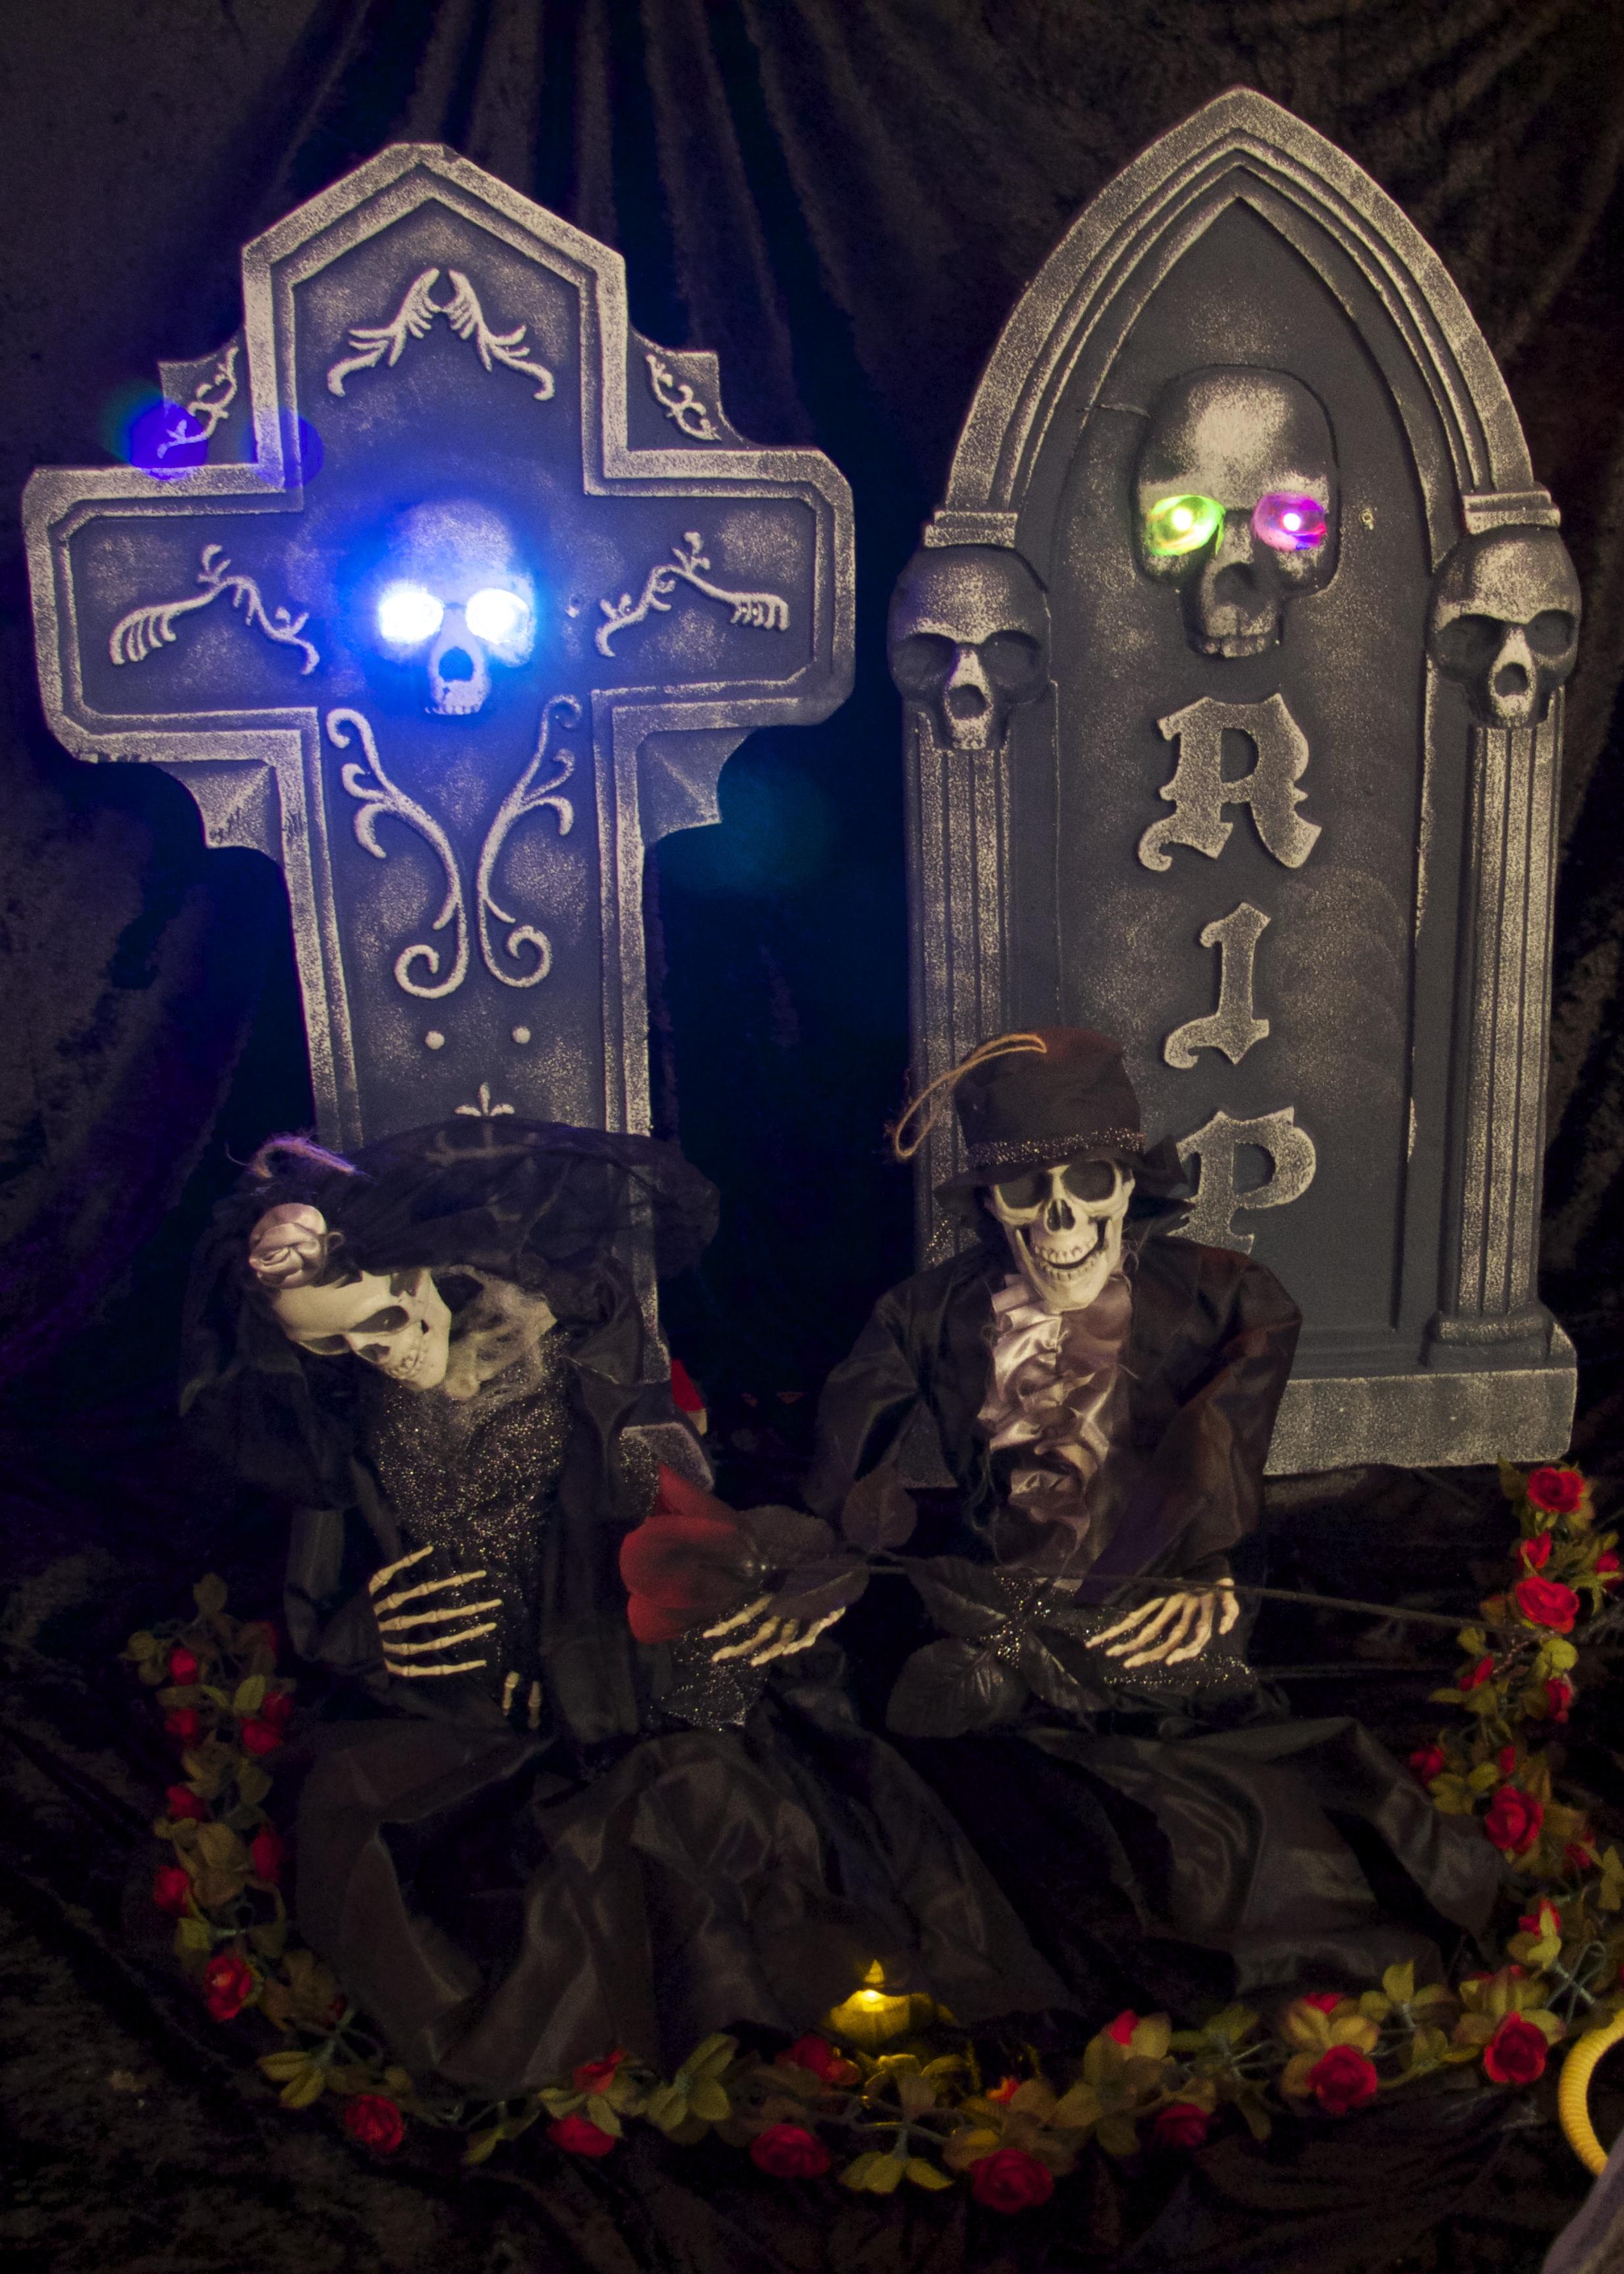 Halloween Indoor Graveyard with Bride and Groom